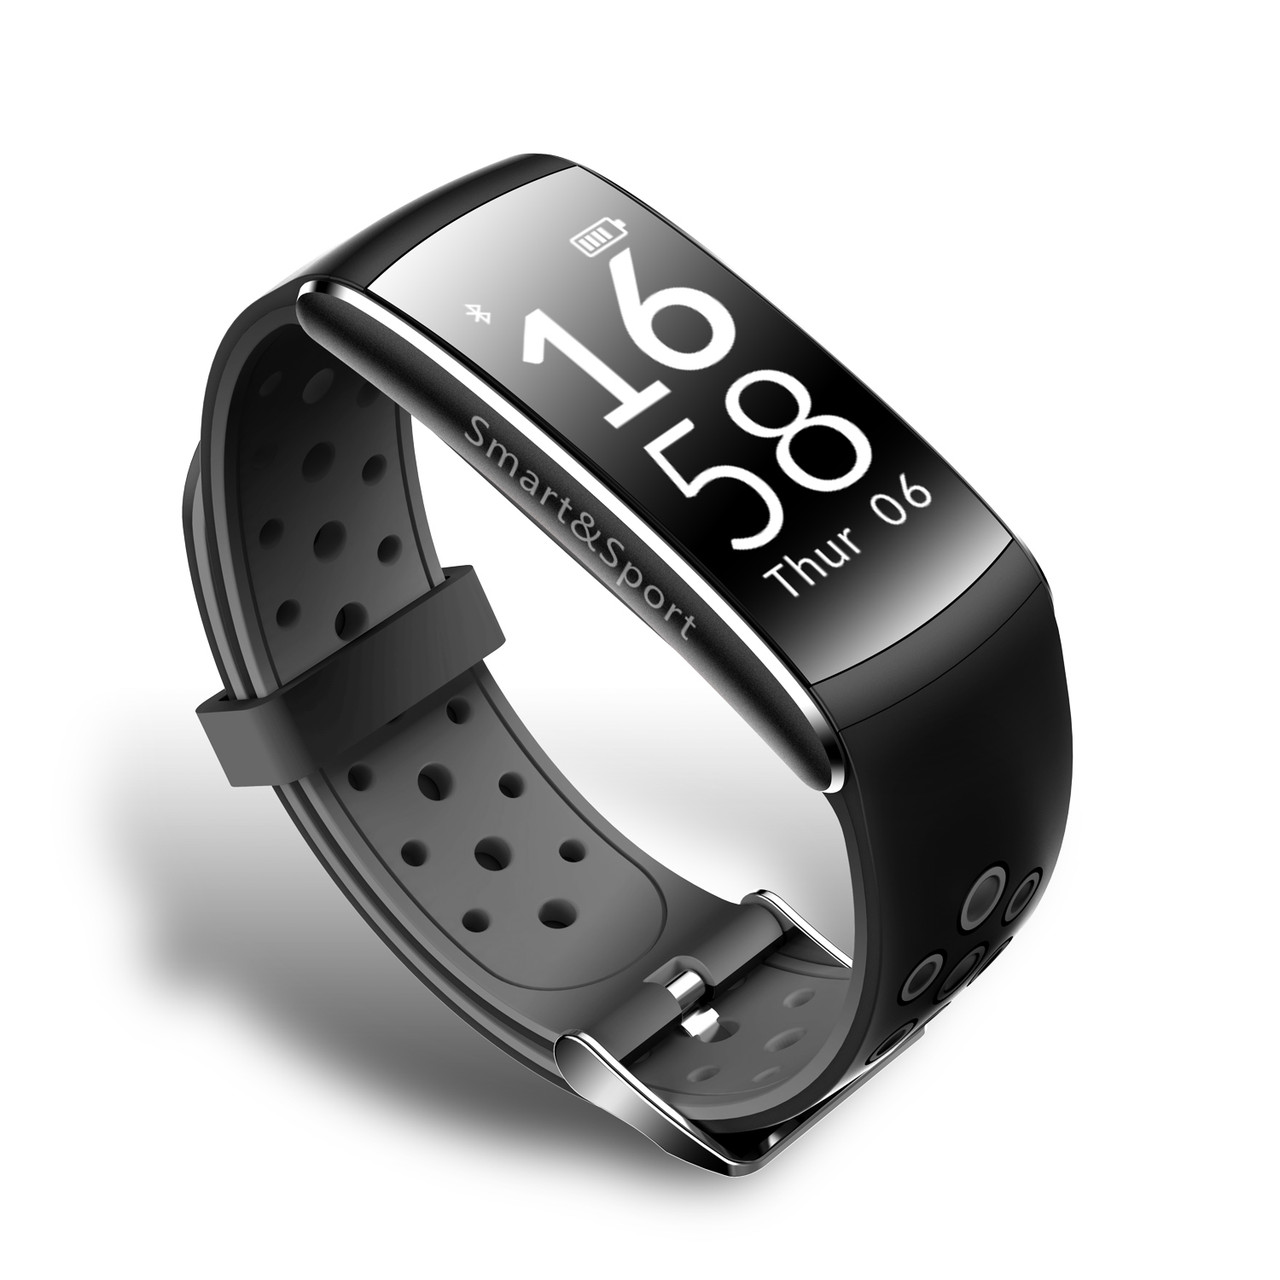 Фитнес браслет тонометр Q8 для iPhone Android давление крови калории шагомер водонепроницаемый черный с серым